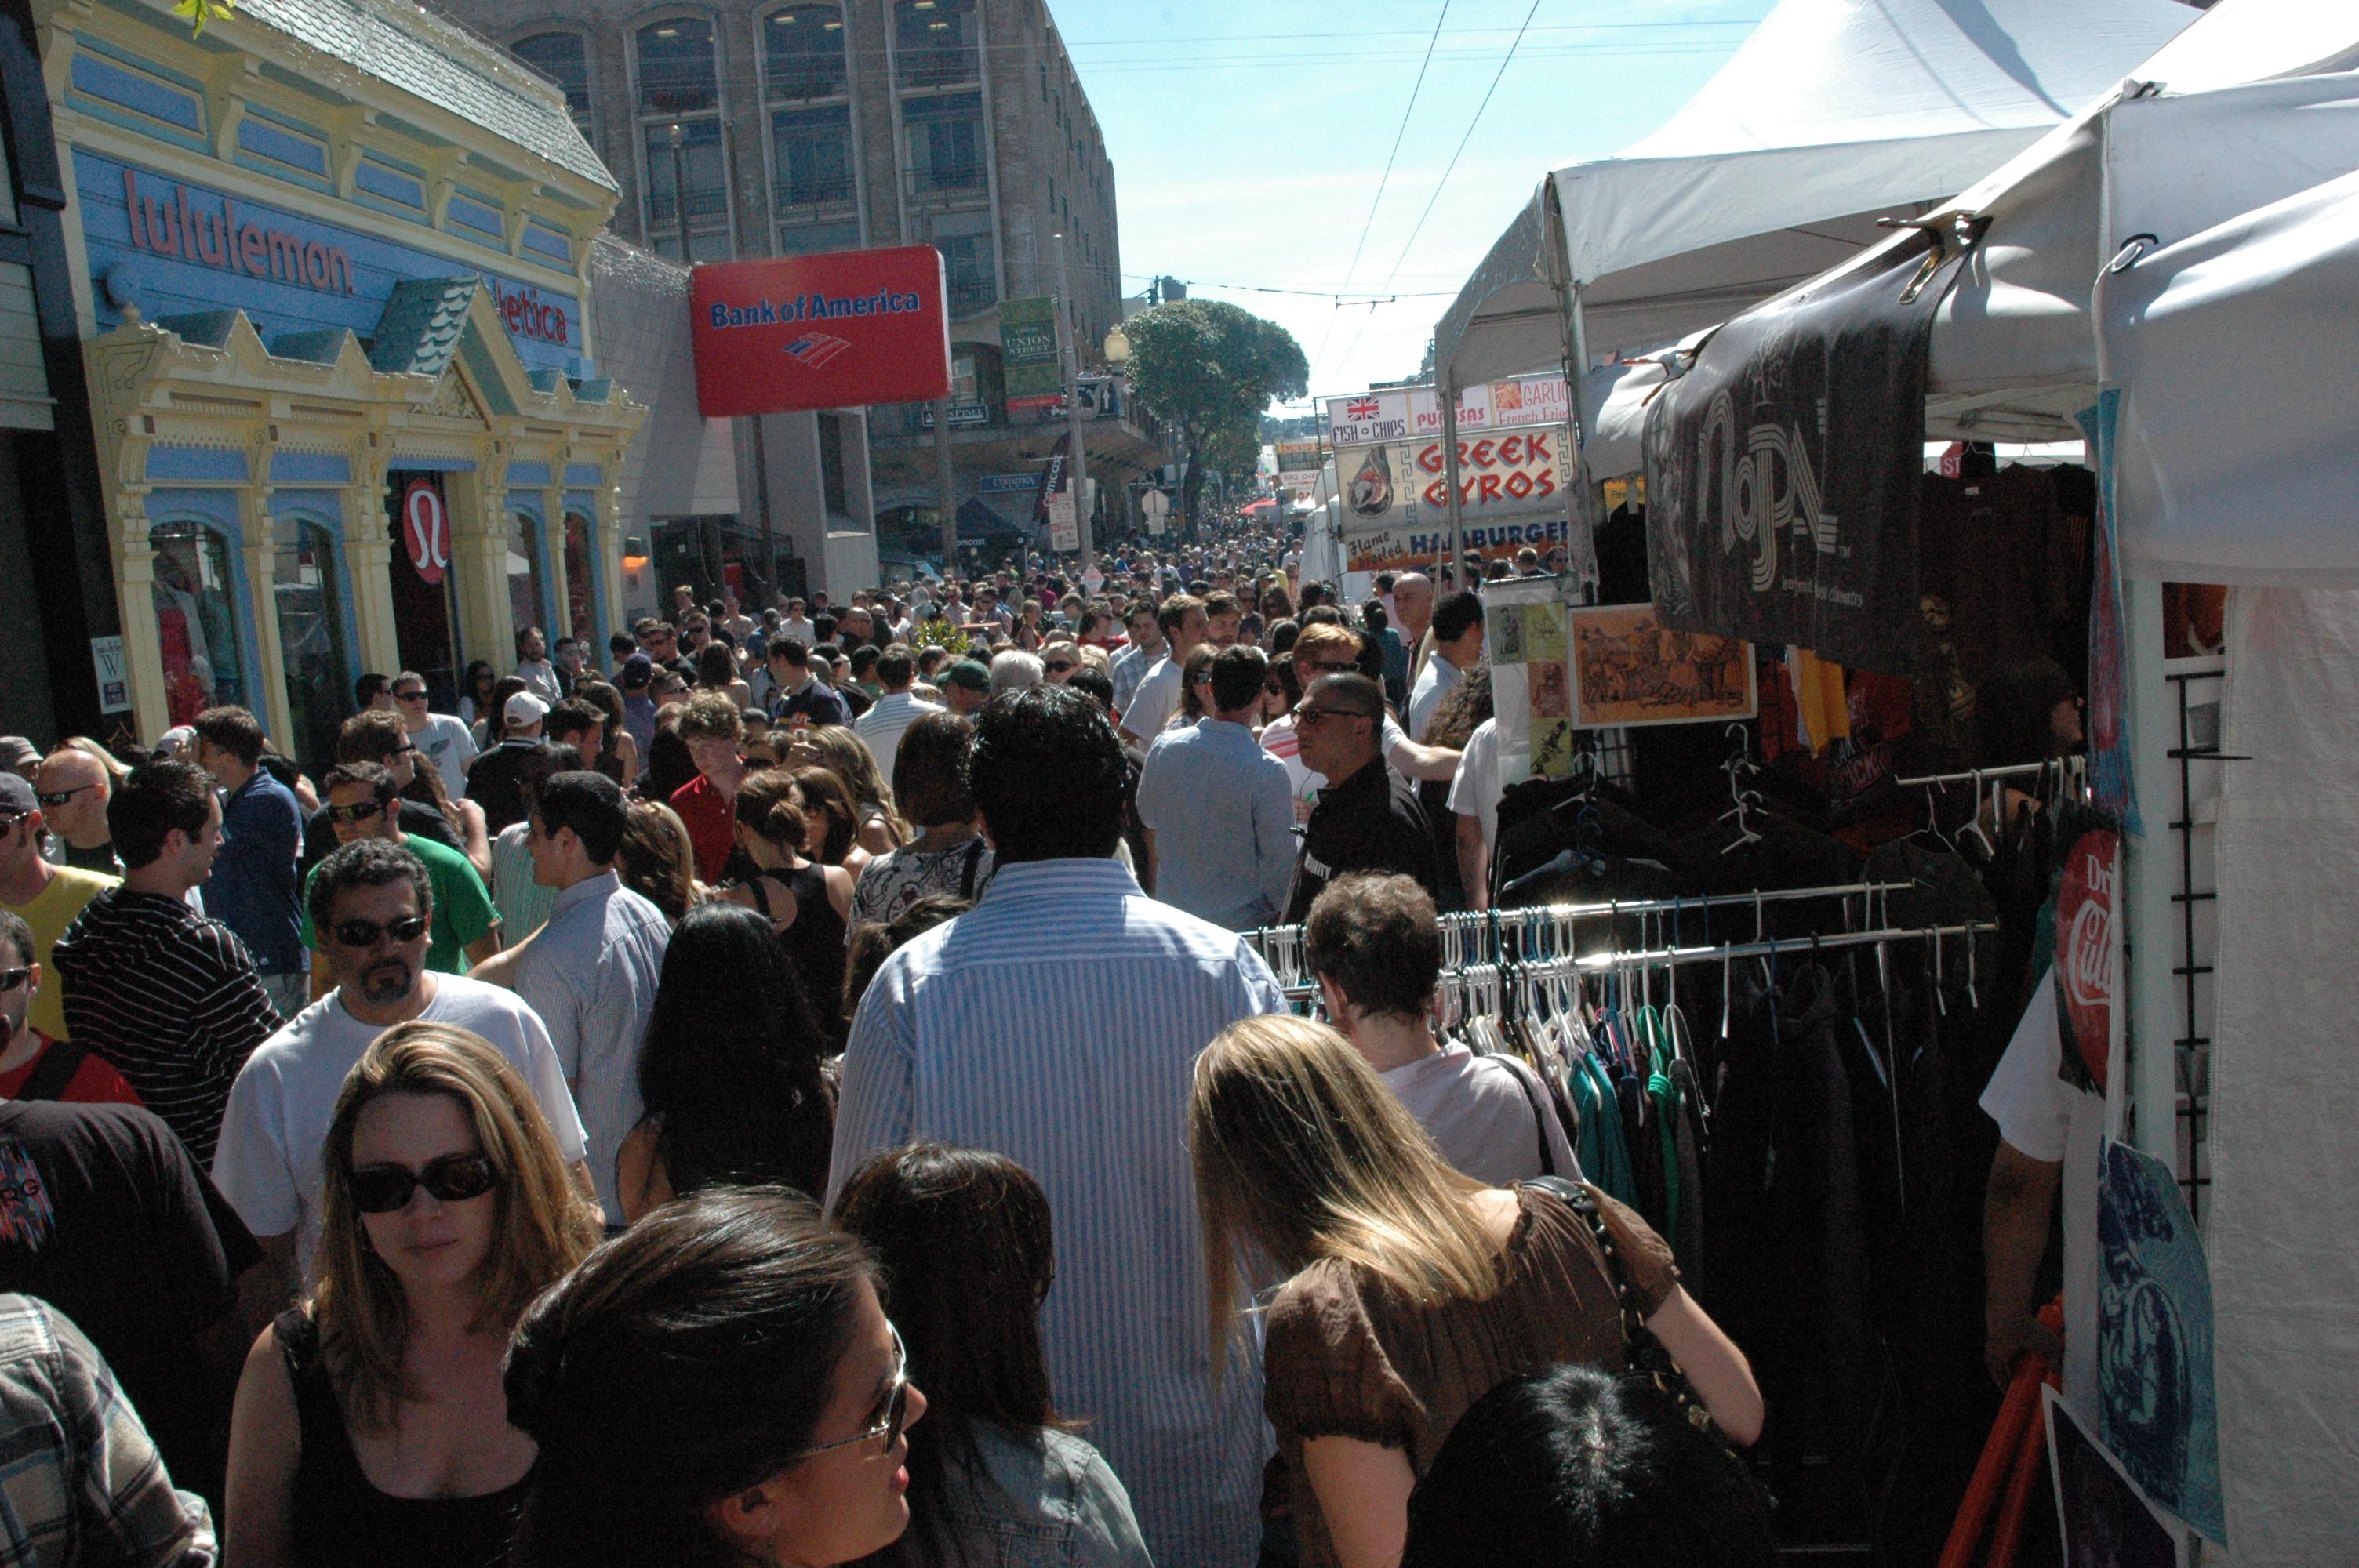 Union St Festival